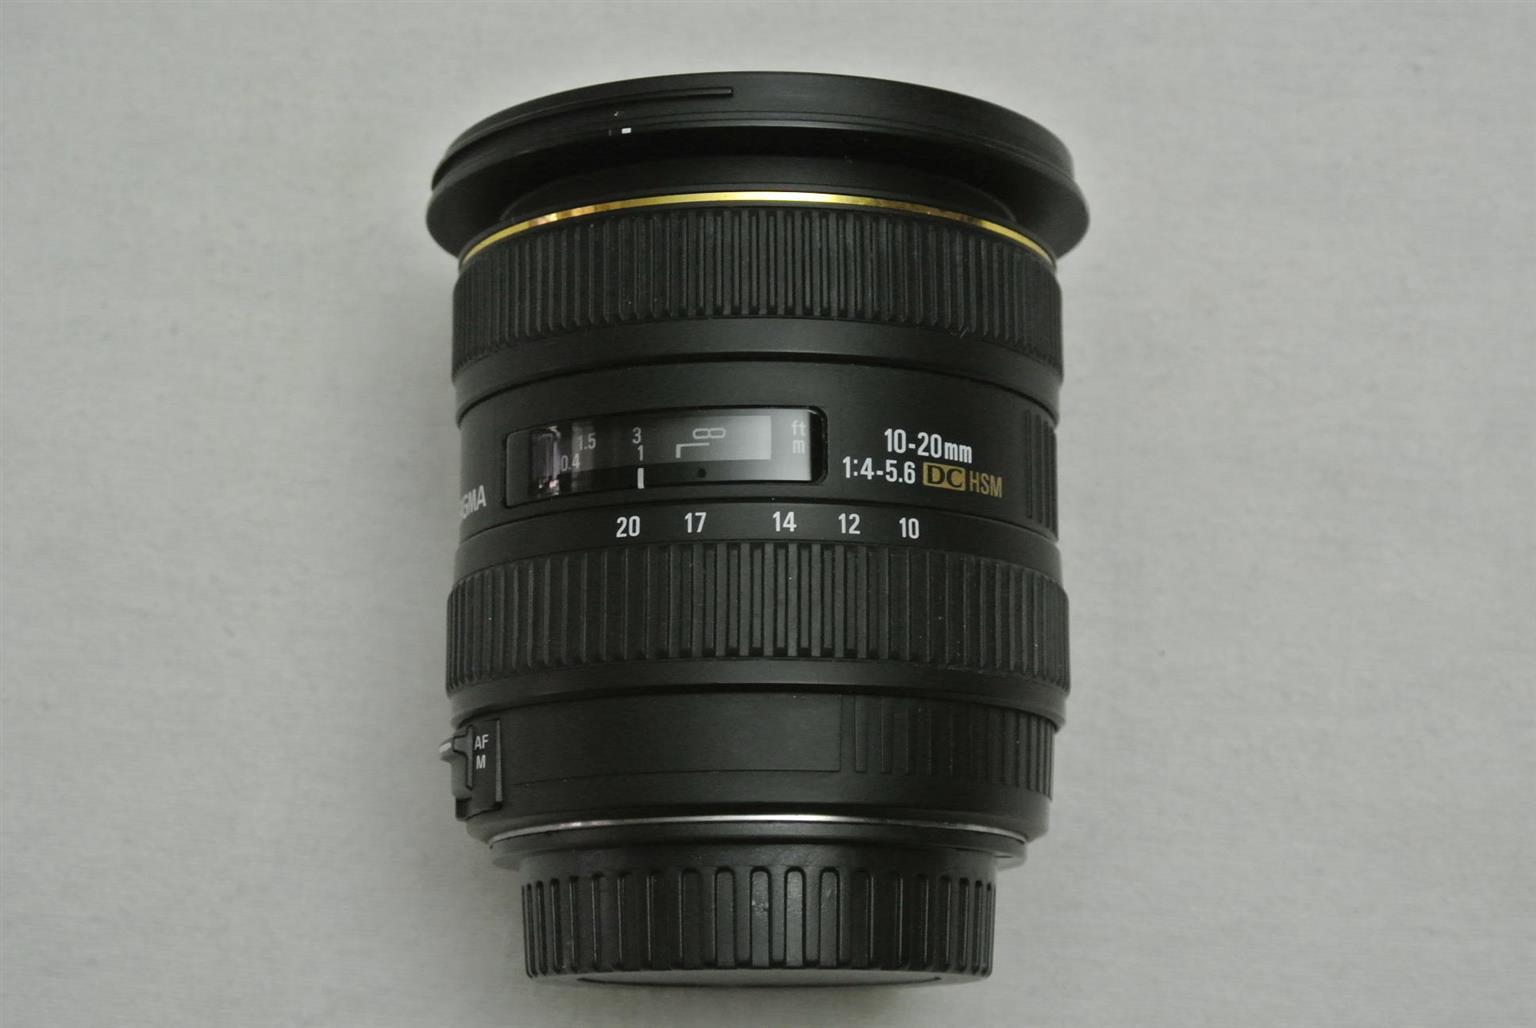 Analogkameras Analoge Fotografie Sigma Ex 10-20mm 1:4-5.6 Dc Hsm FÜr Canon